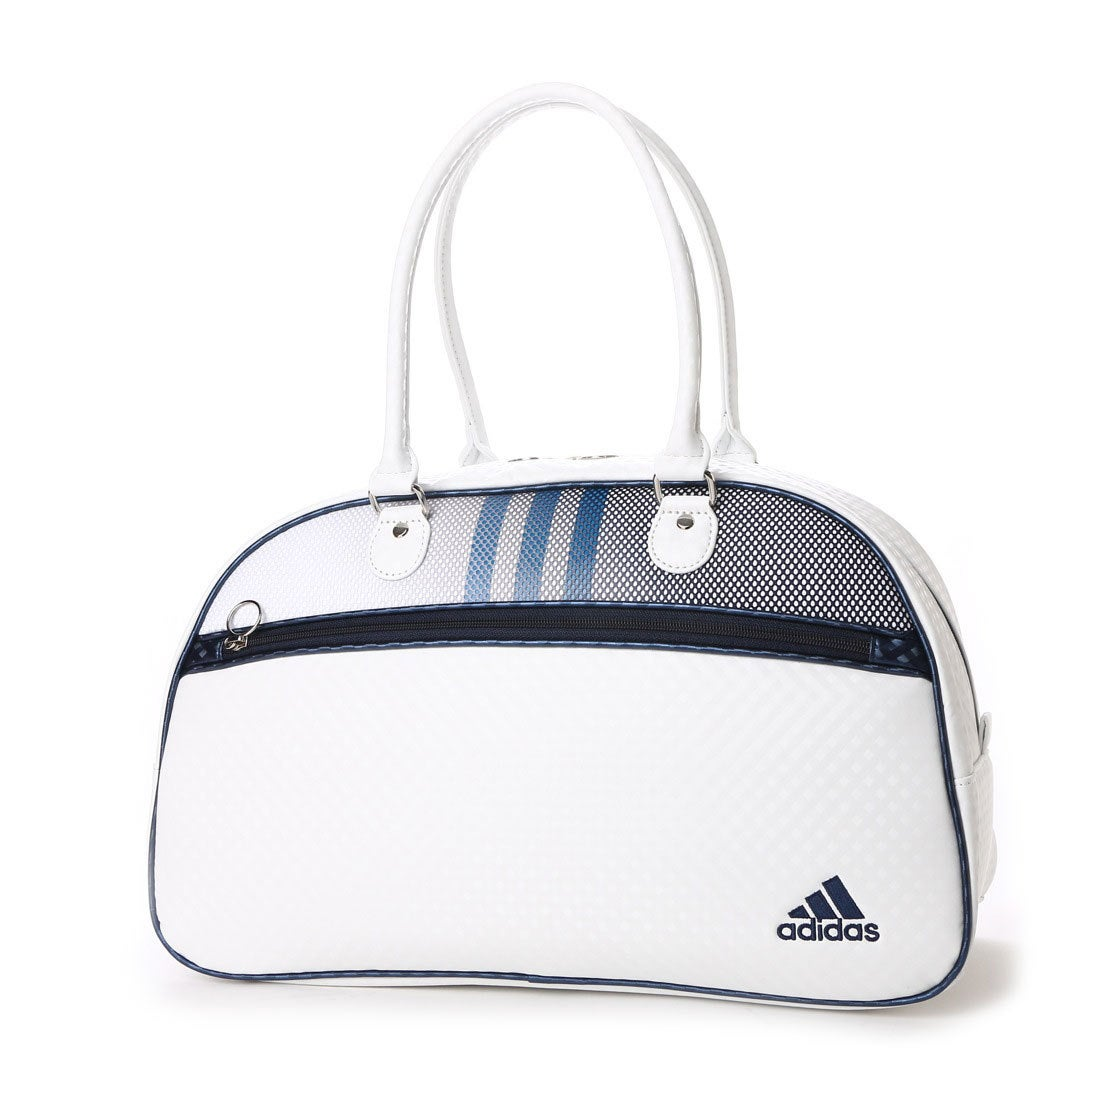 【SALE 30%OFF】アディダス adidas レディース ゴルフ ボストンバッグ ウィメンズ ボストンバッグ 1 AWT20